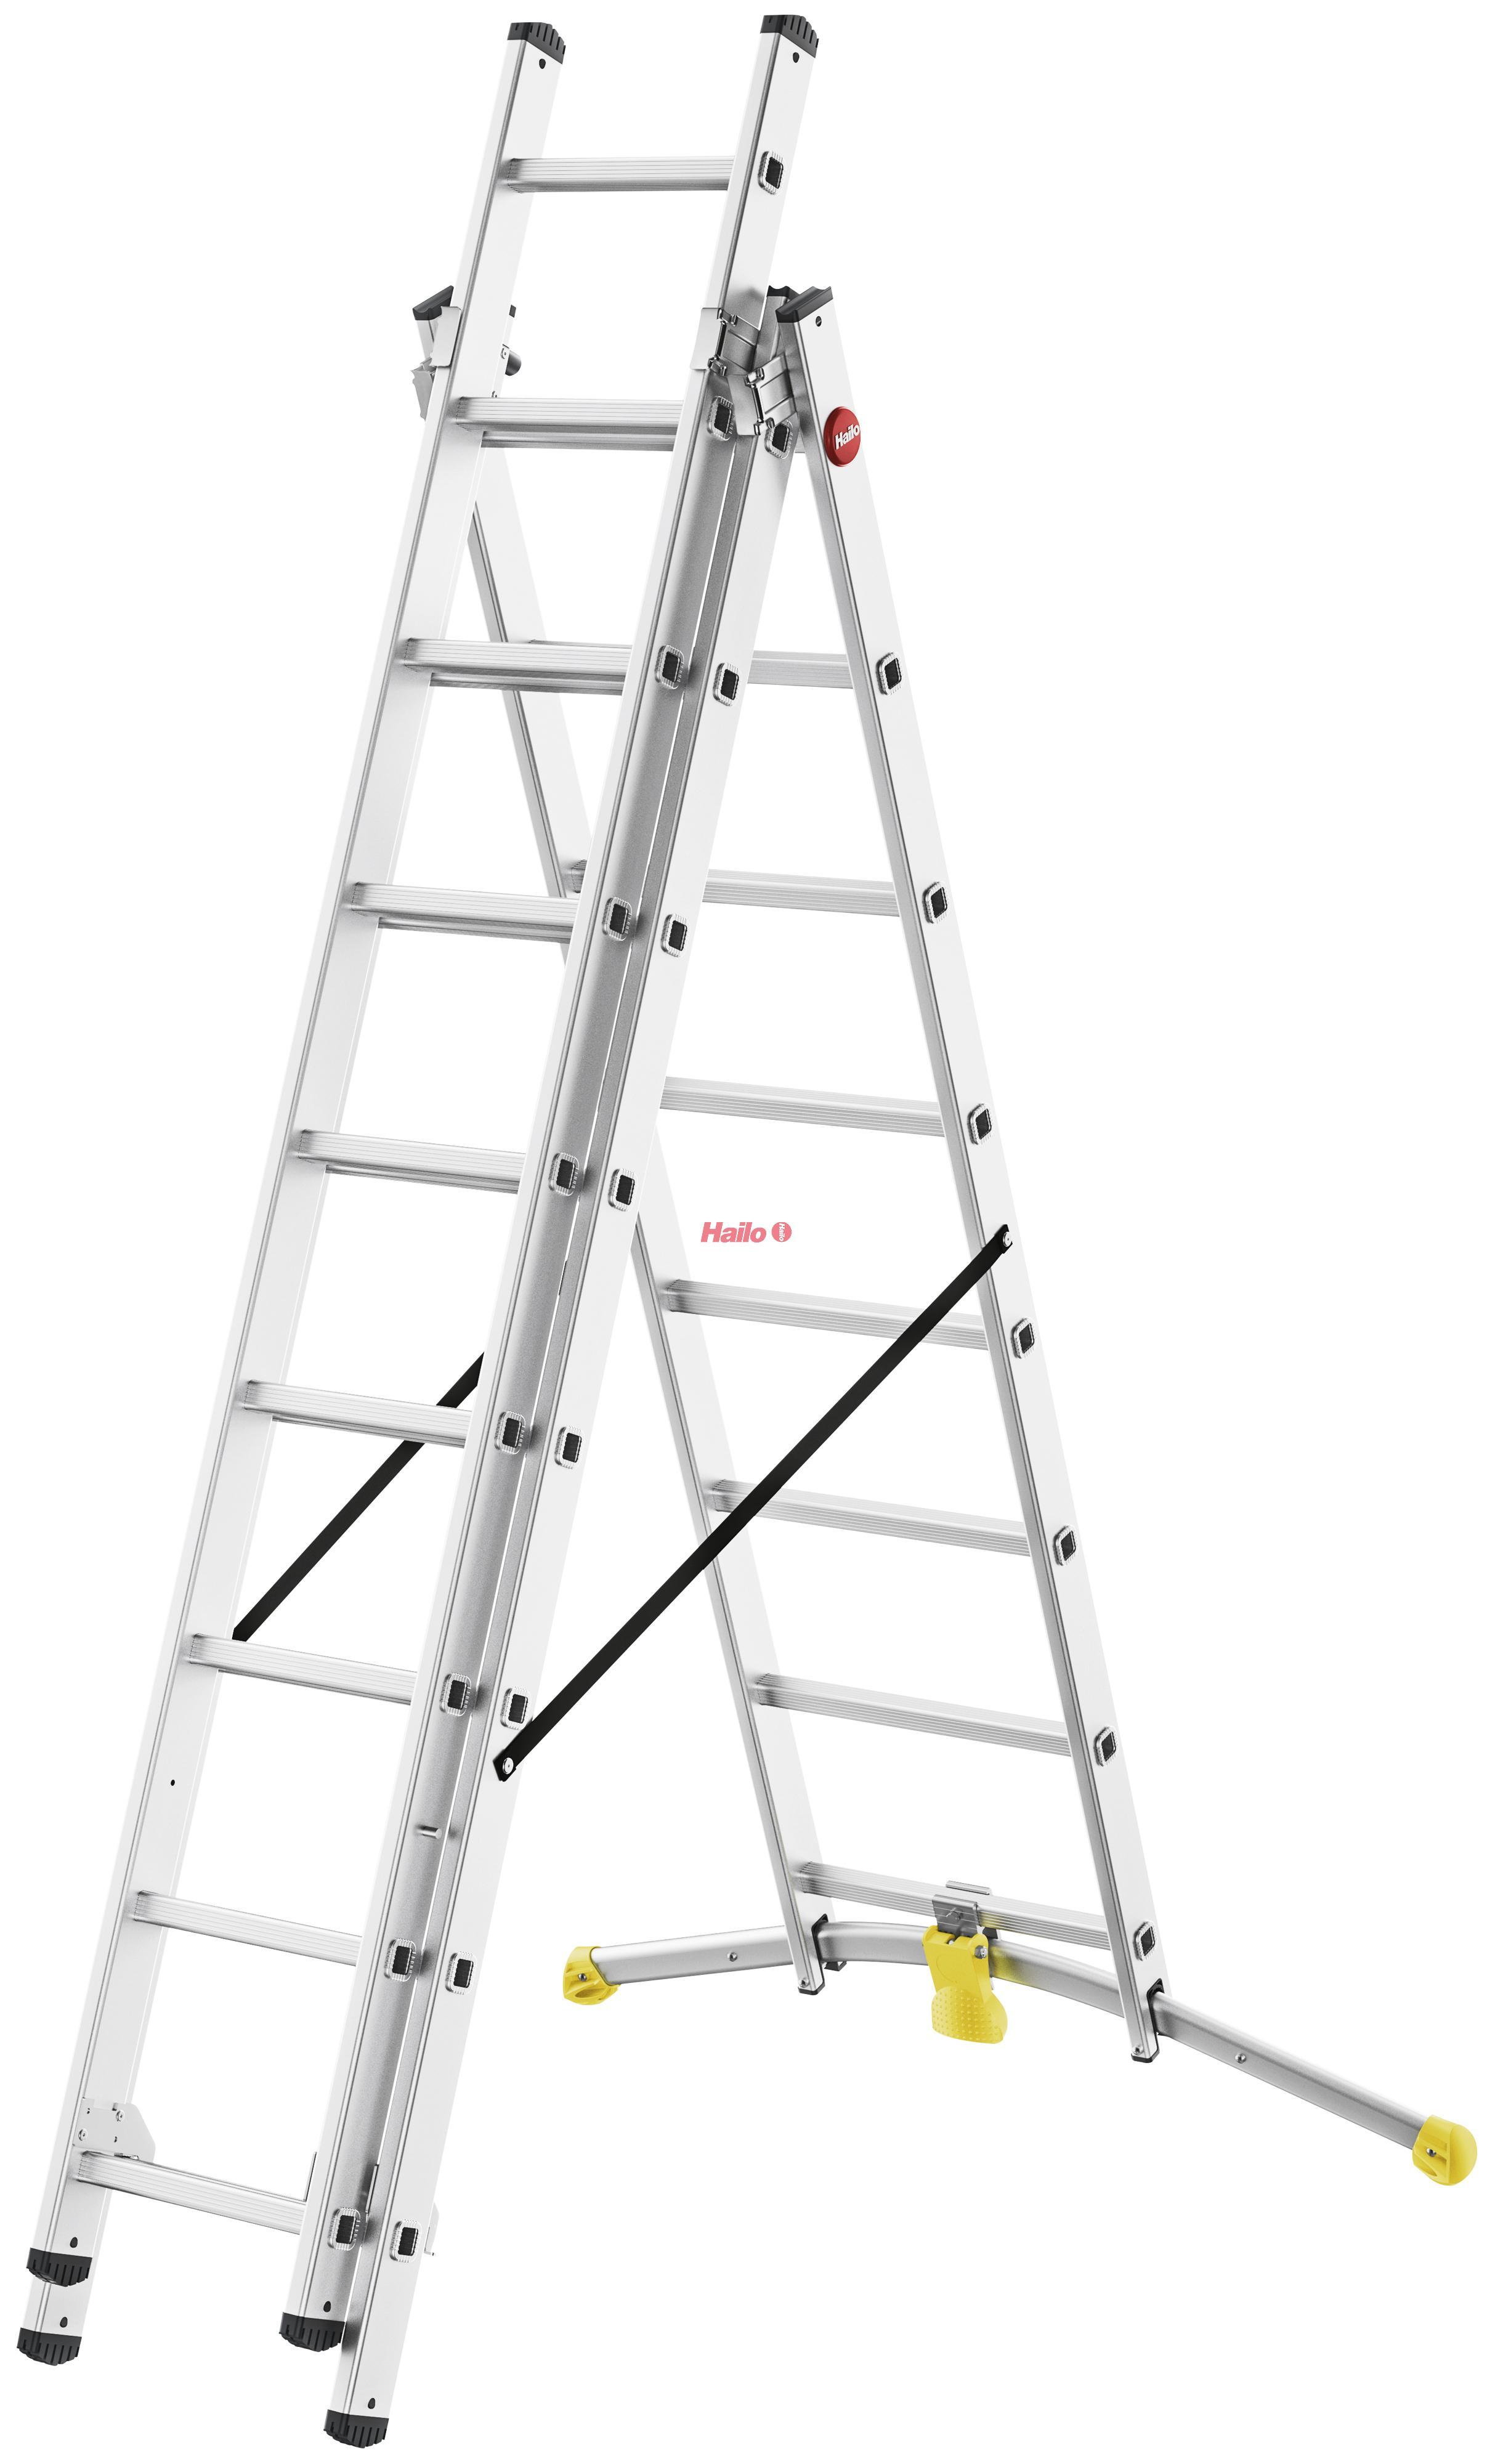 Hailo HobbyLOT 2x8 + 1x9 příček - trojdílný hliníkový žebřík